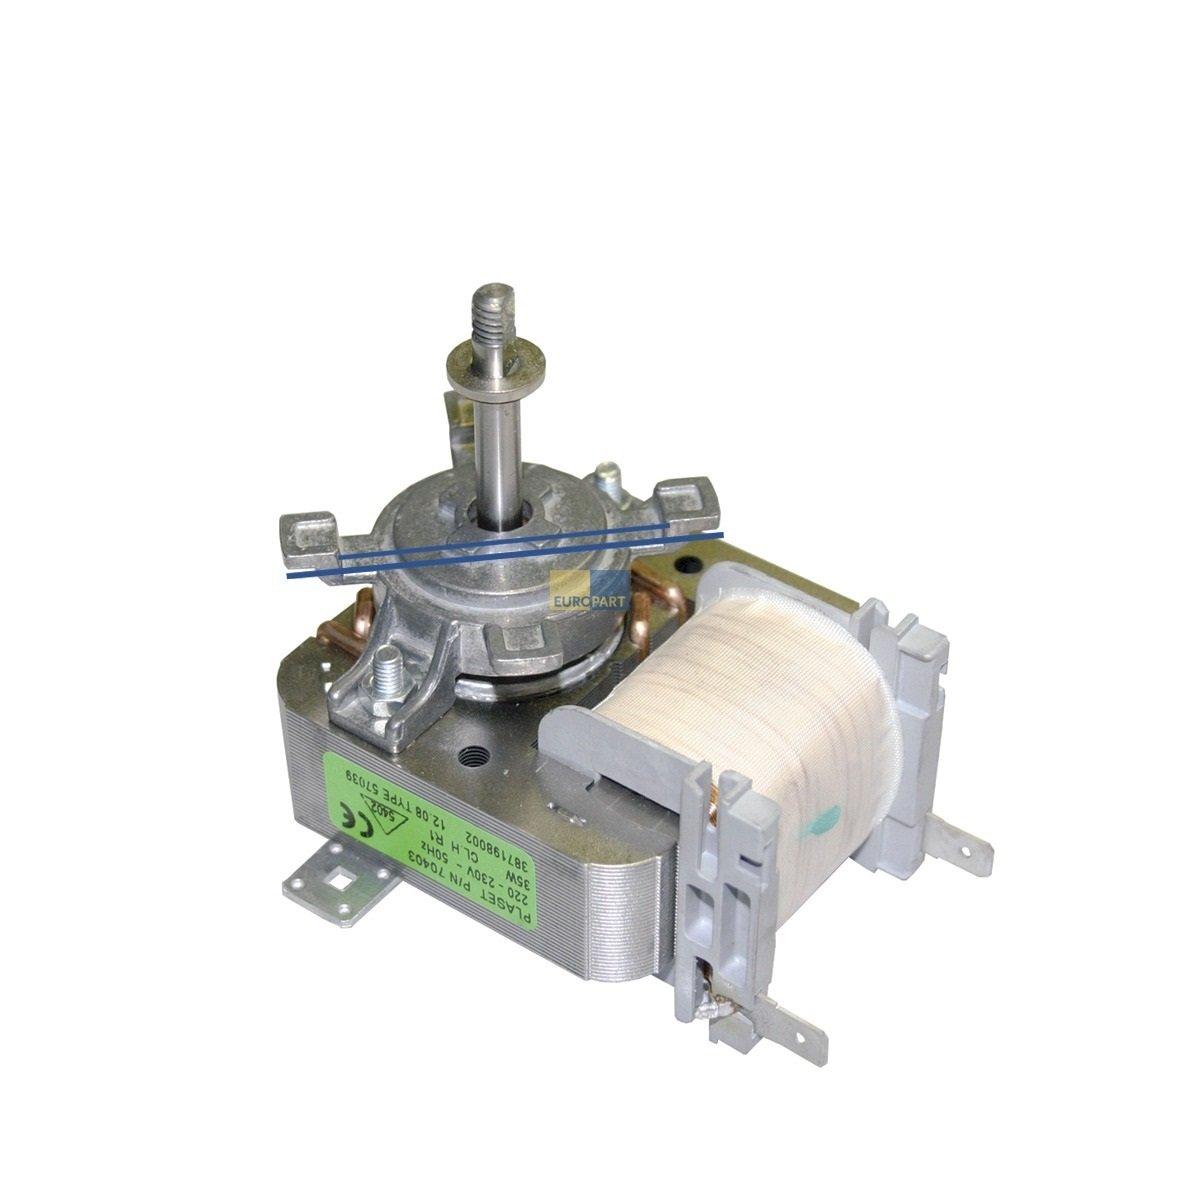 Heißluftherdventilator Ventilator Heißluft Backofen Herd Electrolux AEG 337067309 Electrolux/AEG